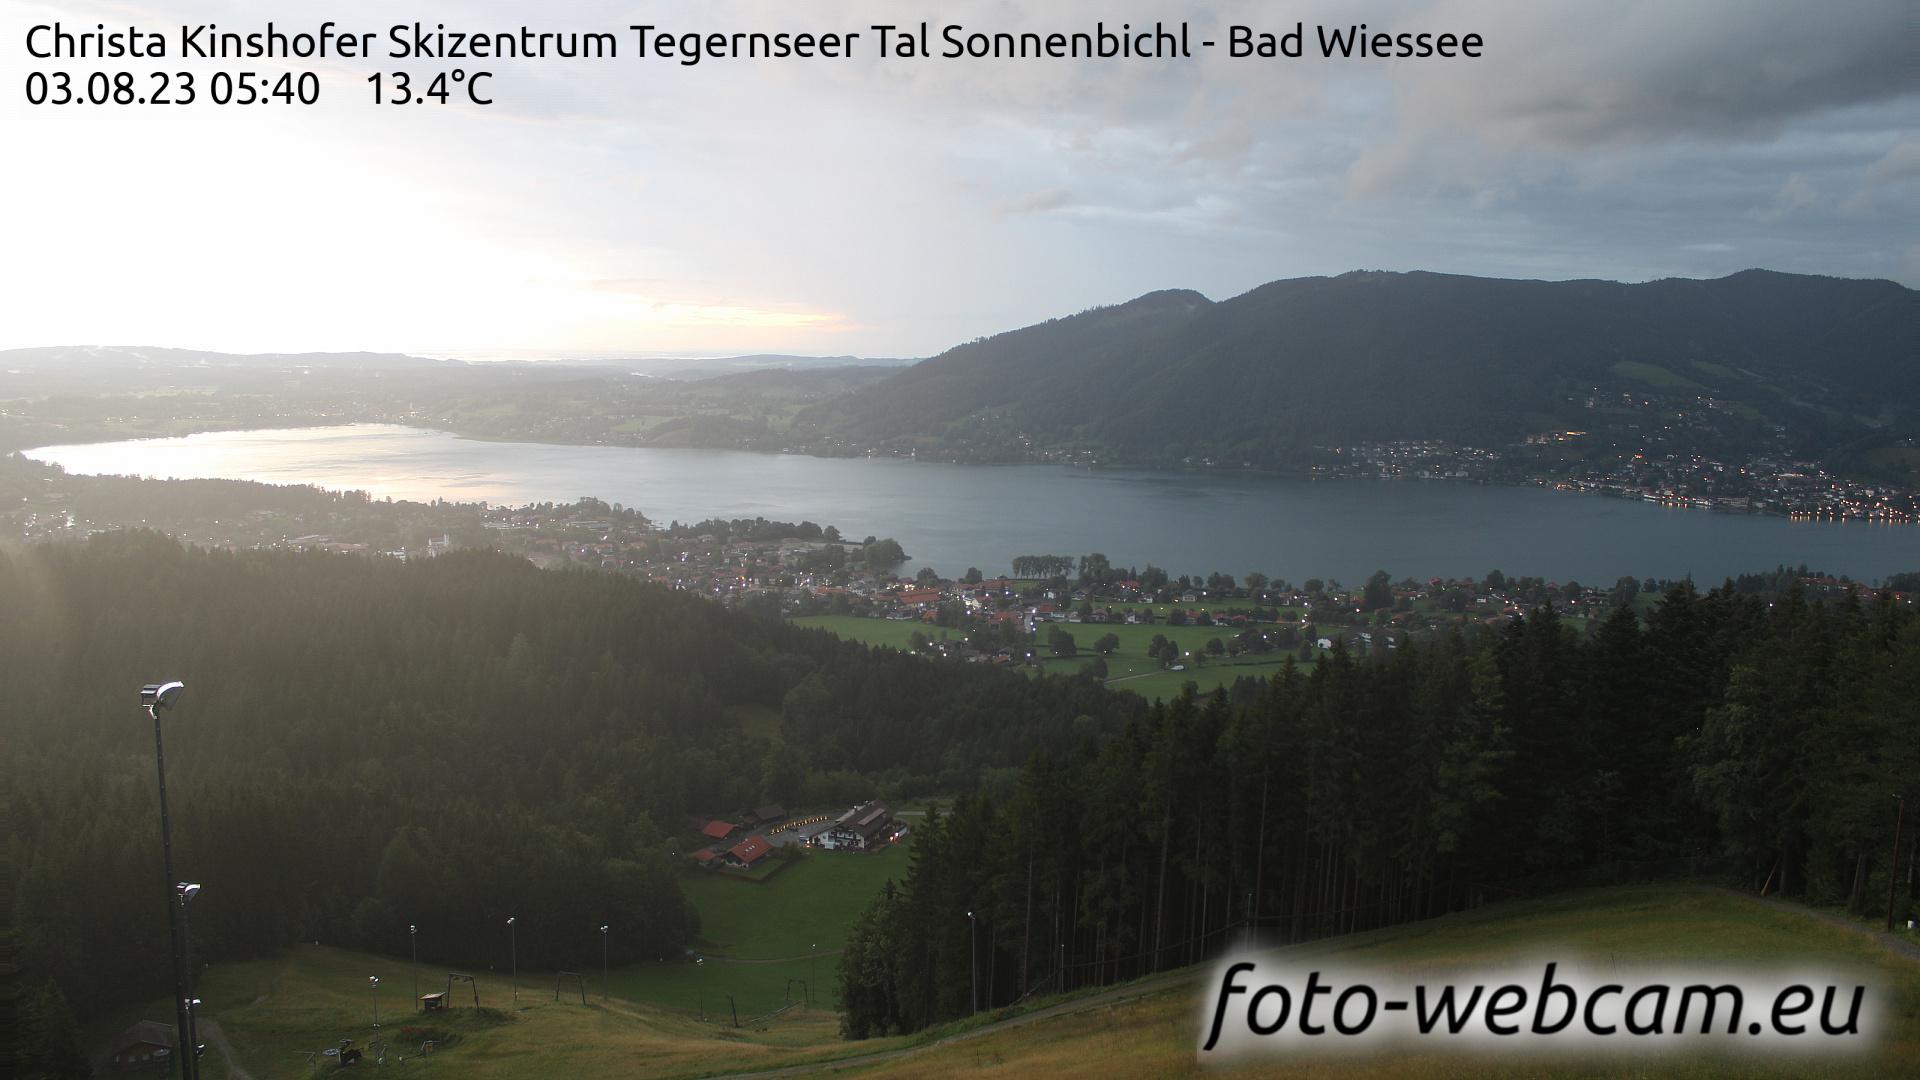 Bad Wiessee Wed. 05:48